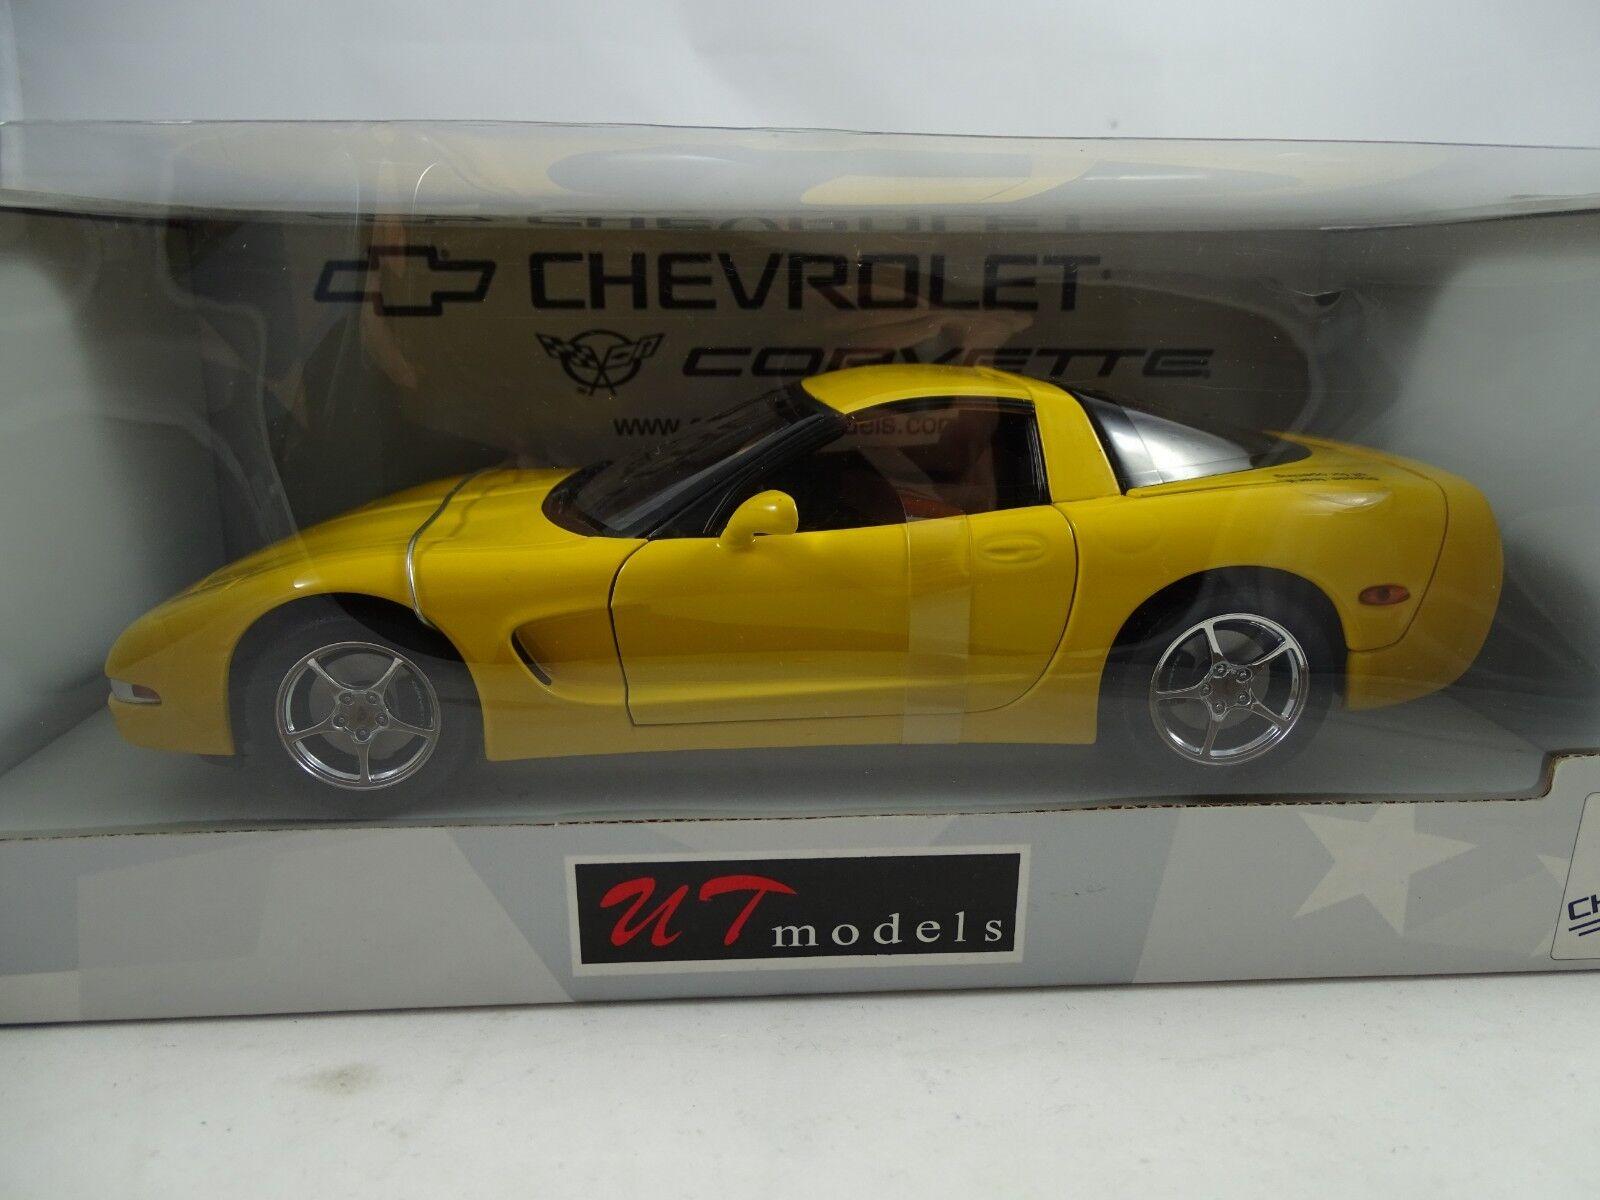 1 18 UT  AUTOART  21101 Chevrolet Corvette Coupe 2000 Millenium jaune Rarity §  prix bas tous les jours